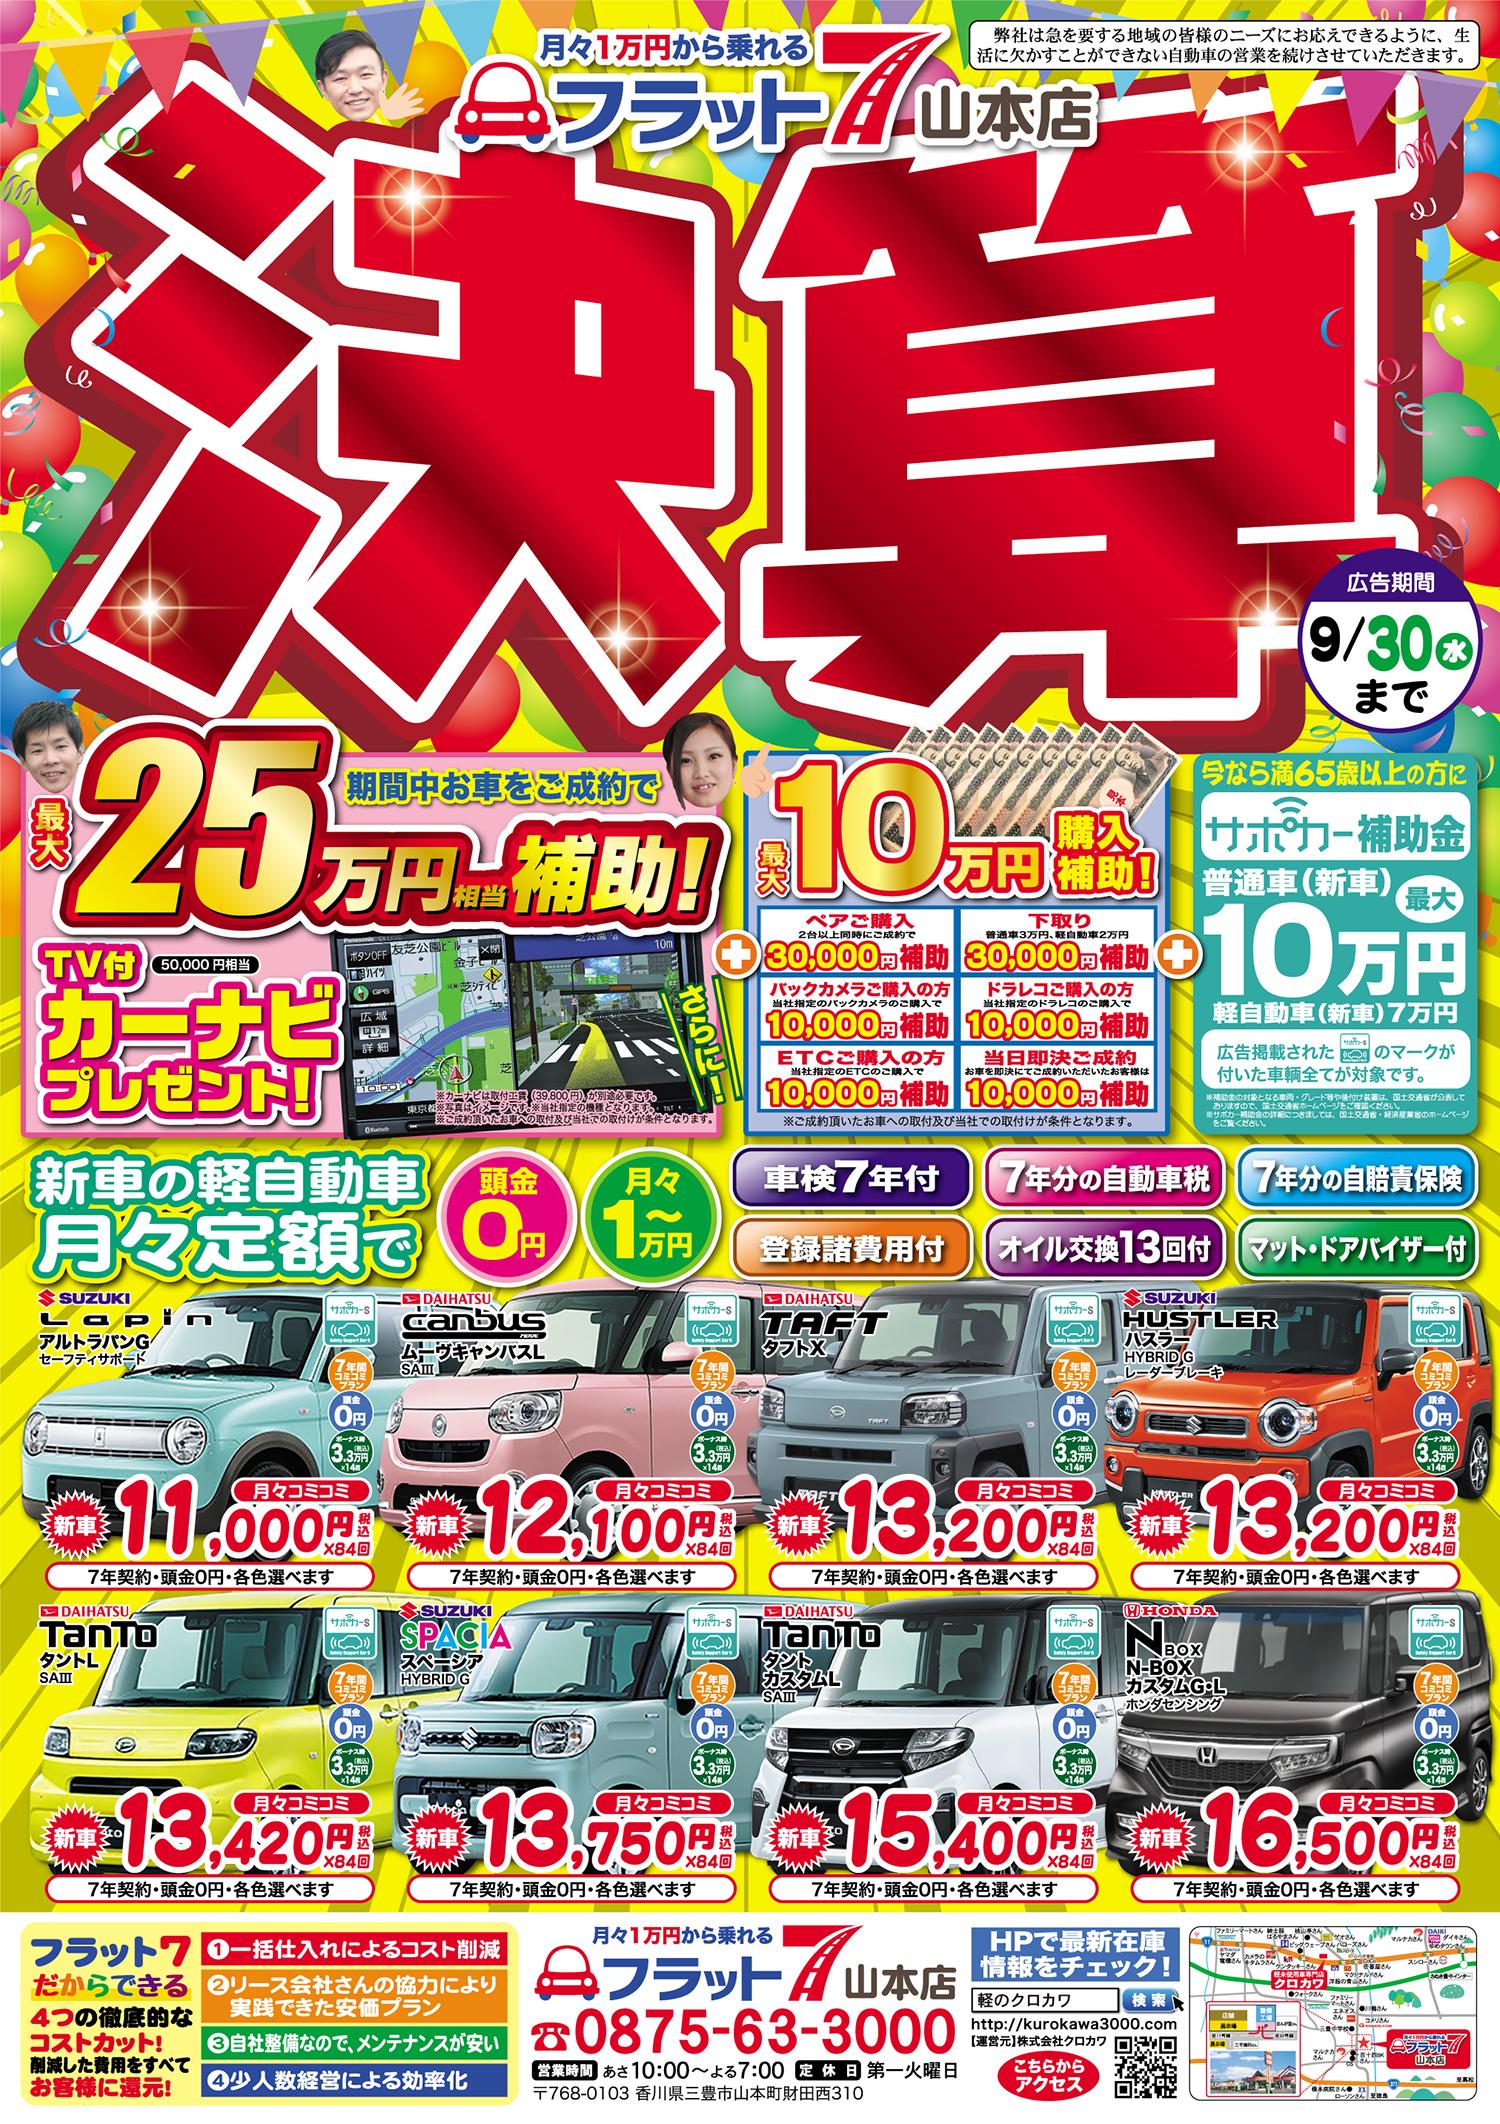 【決算】月々1万円から乗れるフラット7